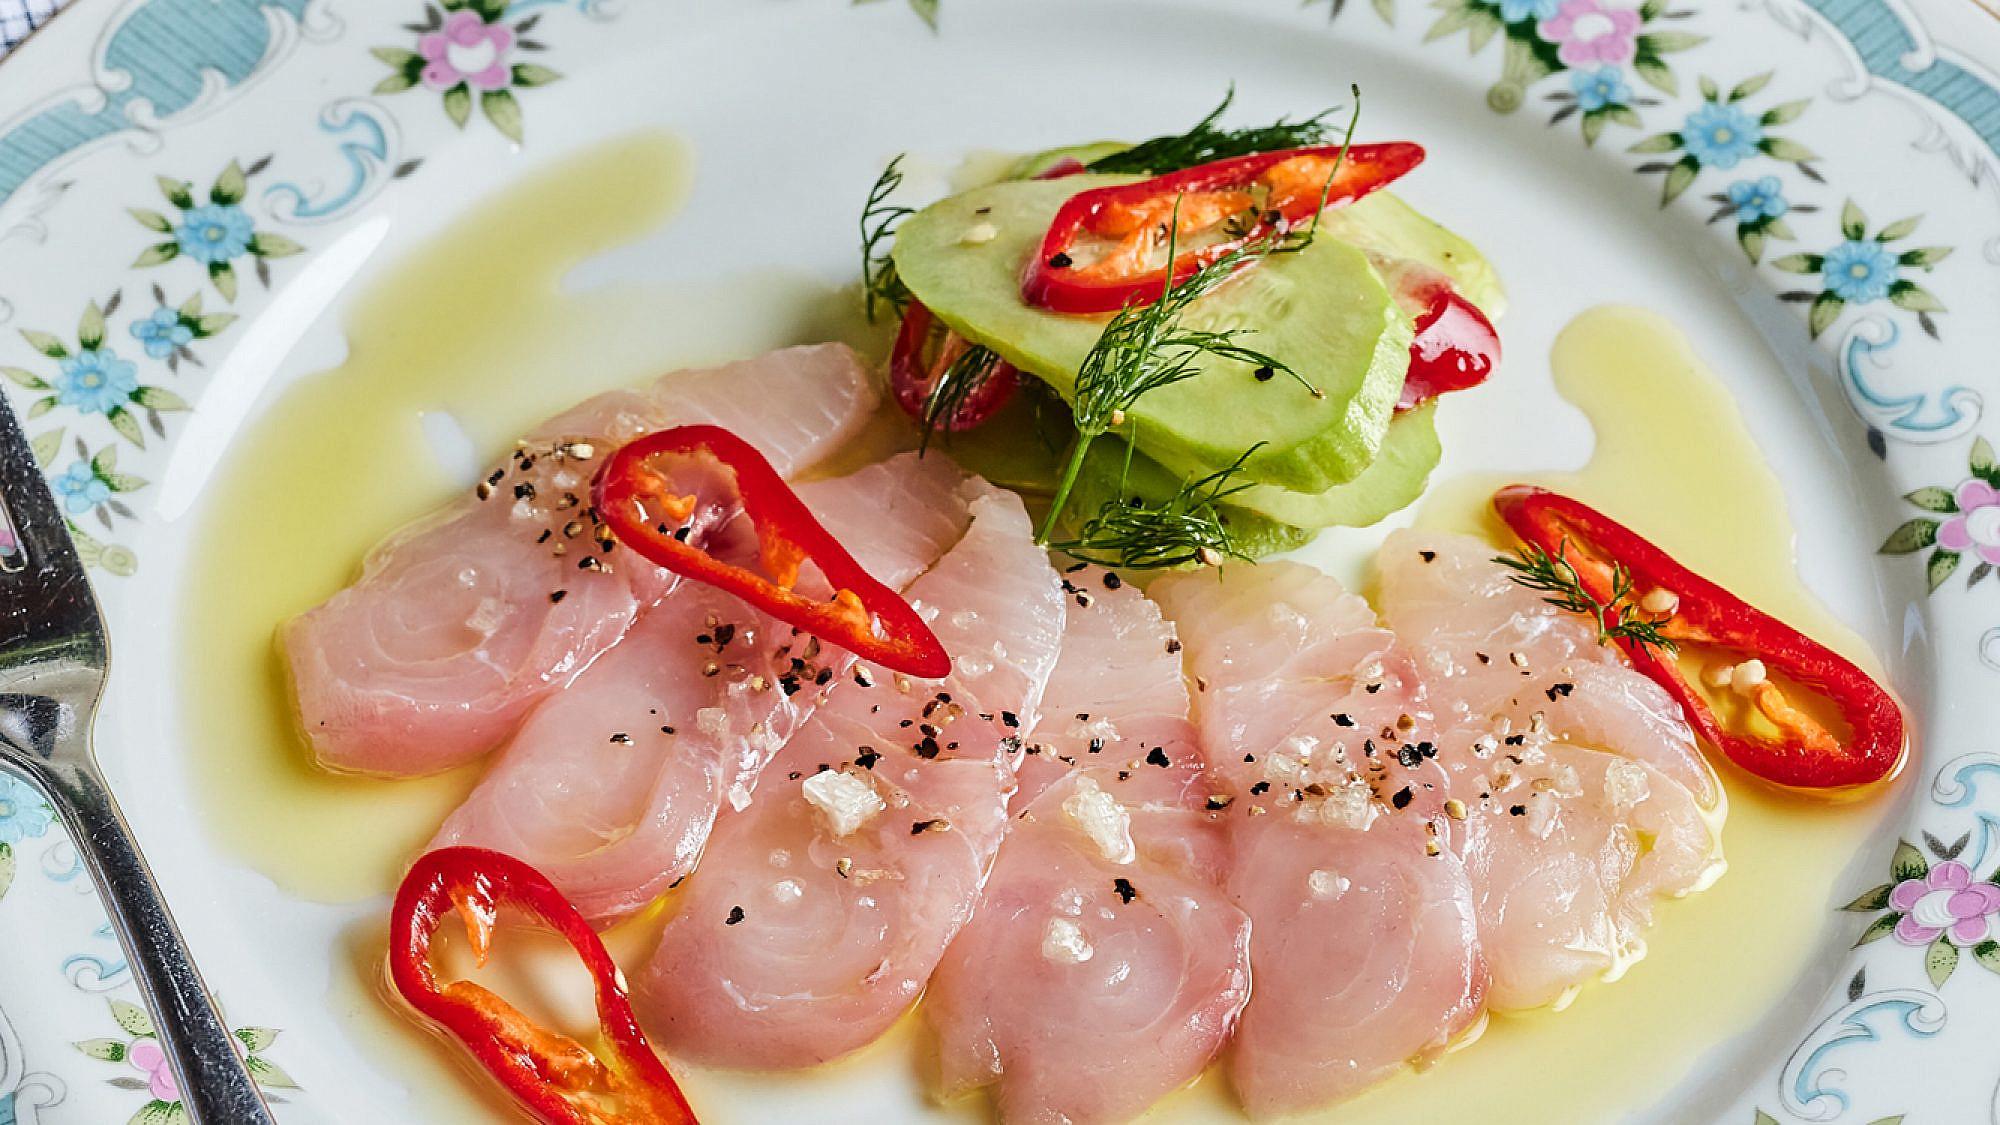 מנת דג ים נא, פקוס, צ'ילי ושמן זית לימוני בקפה אסיף. צילום: אמיר מנחם